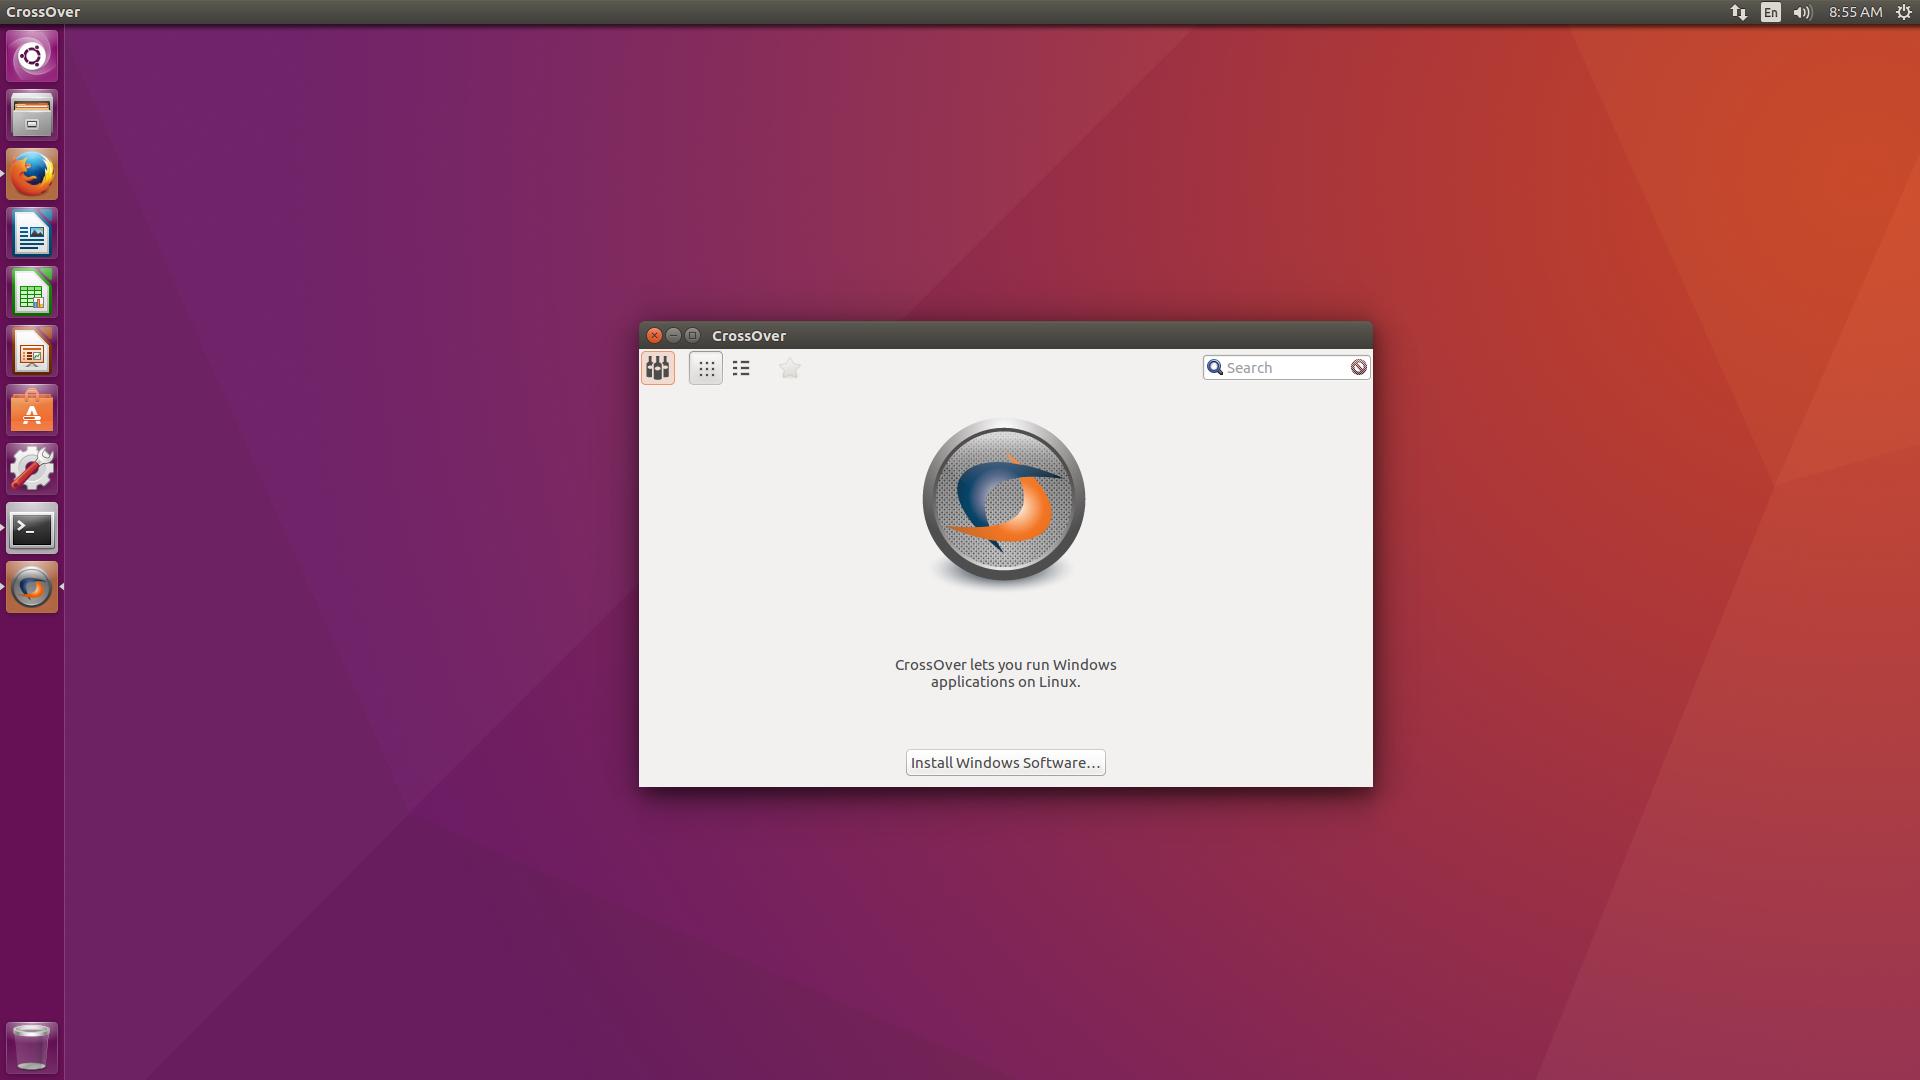 Ubuntu 16.04 running CrossOver!